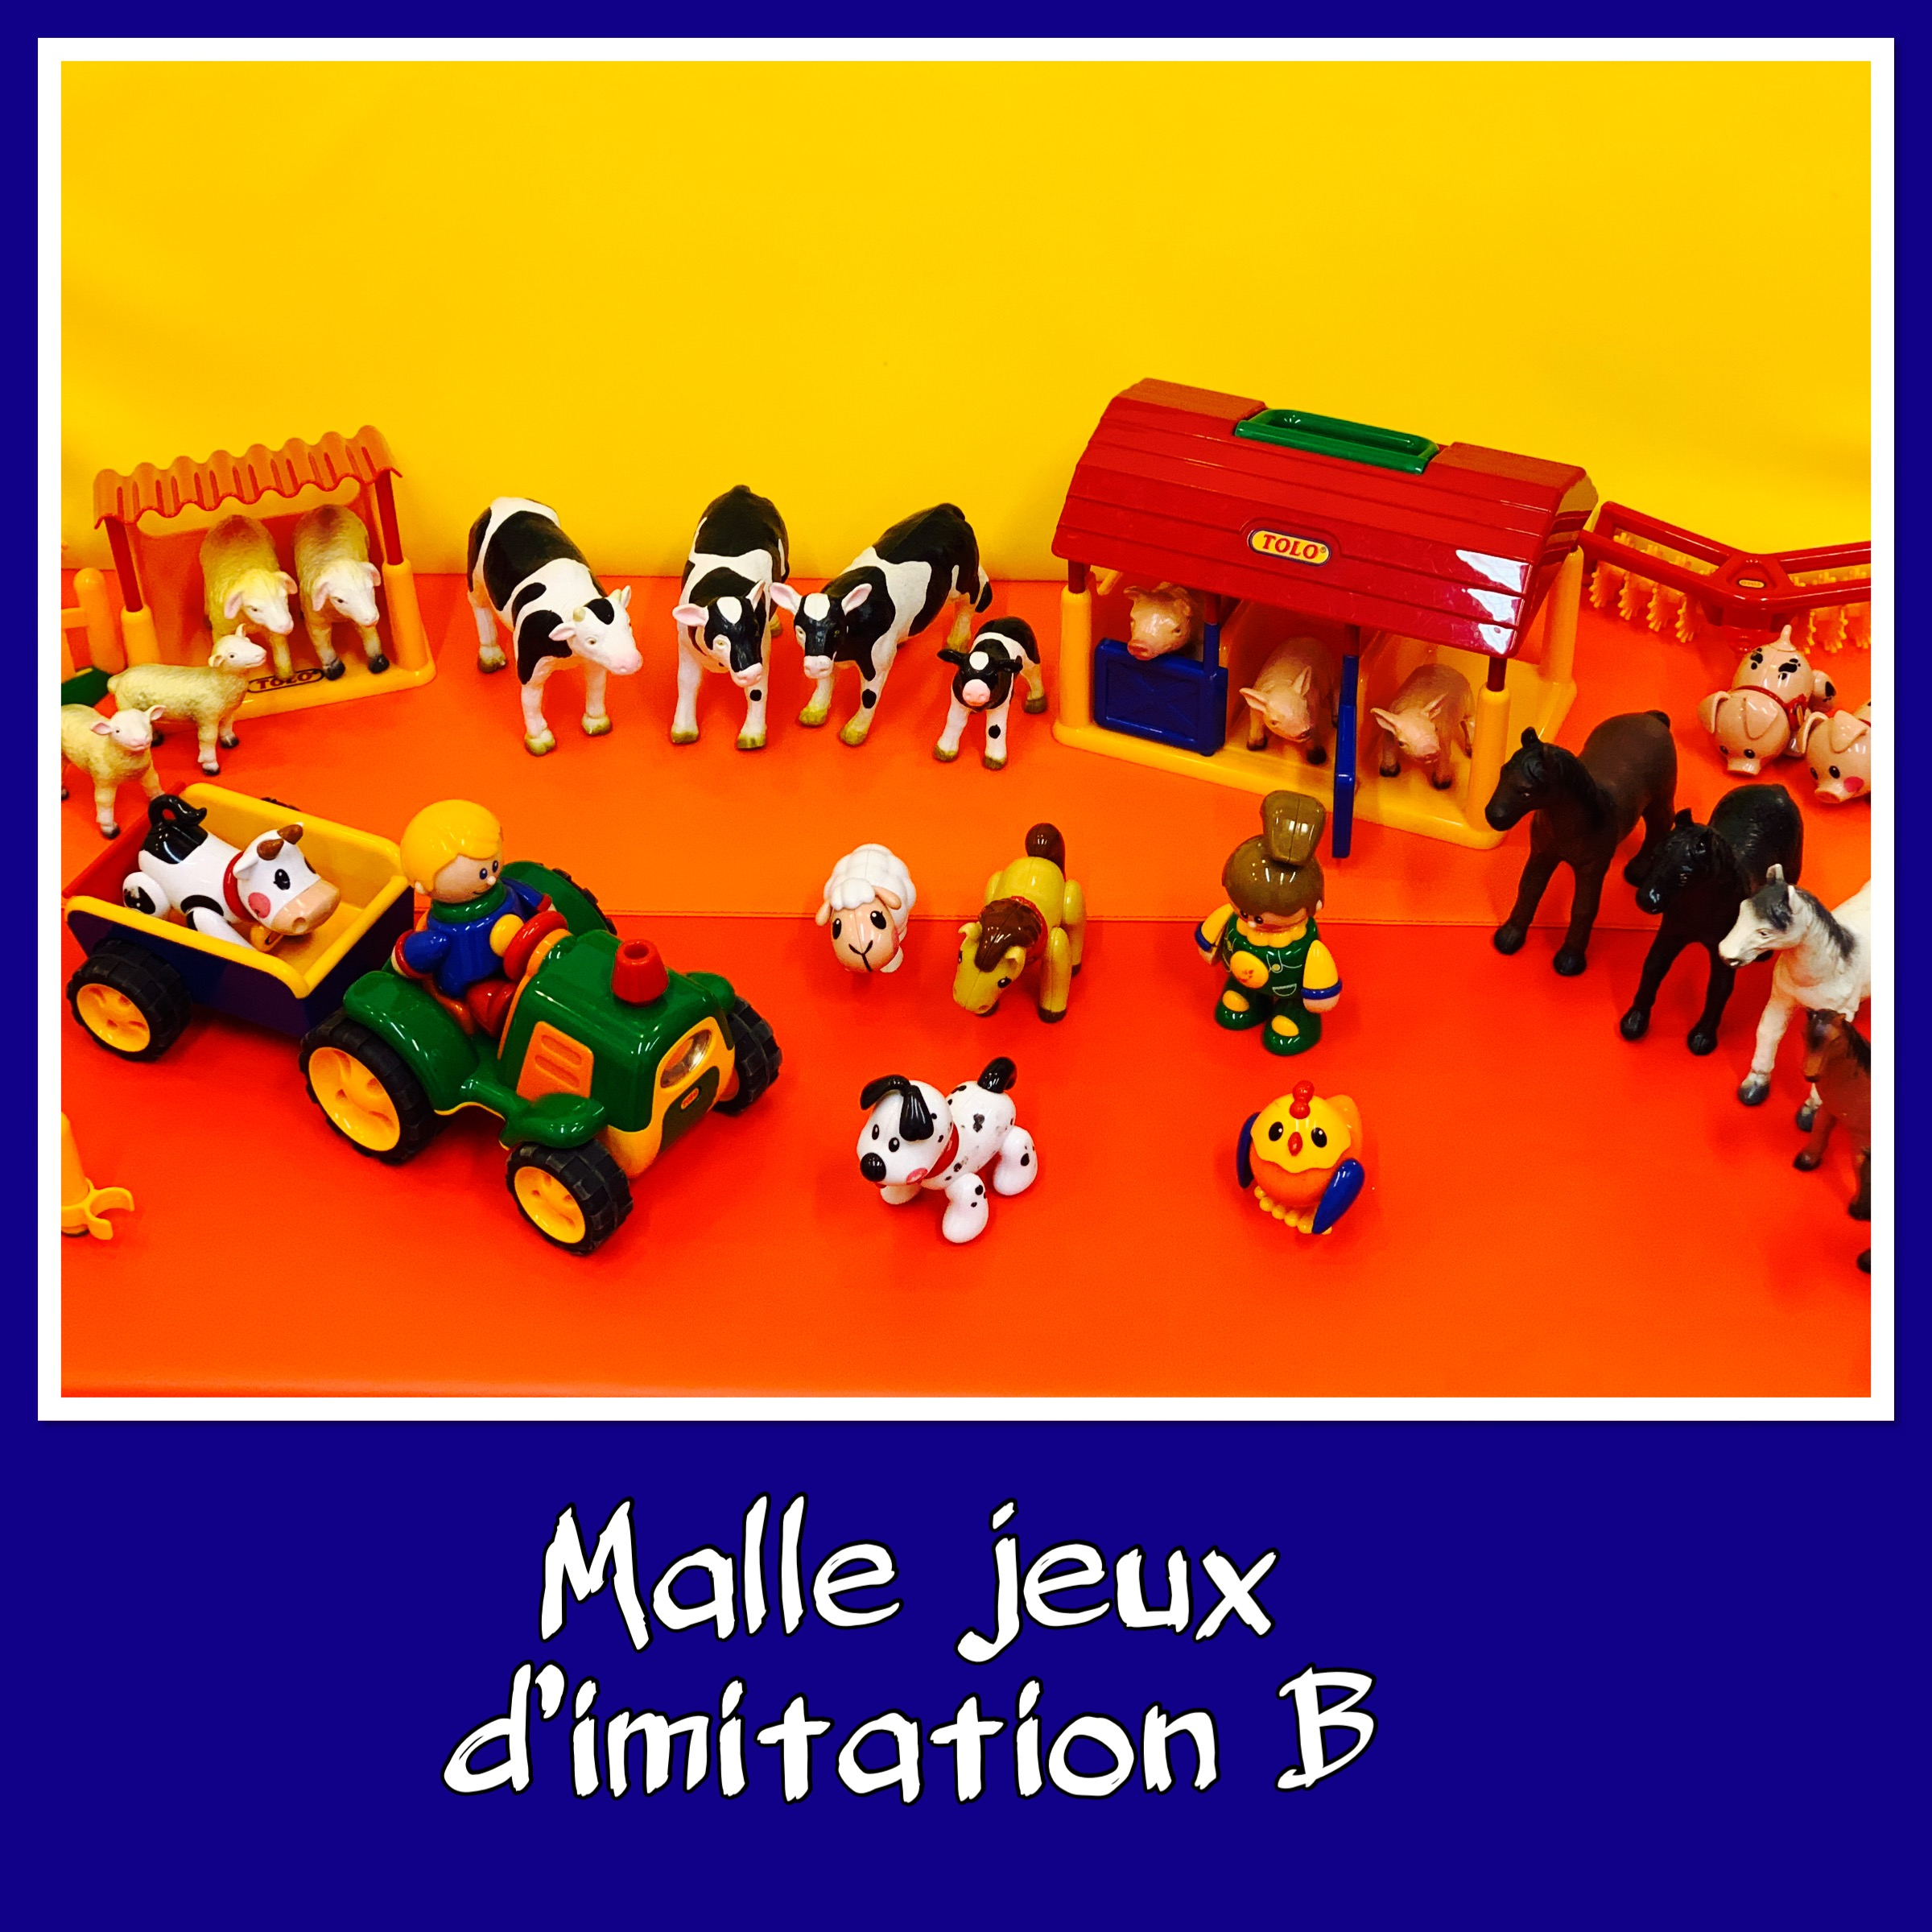 Malle imitation